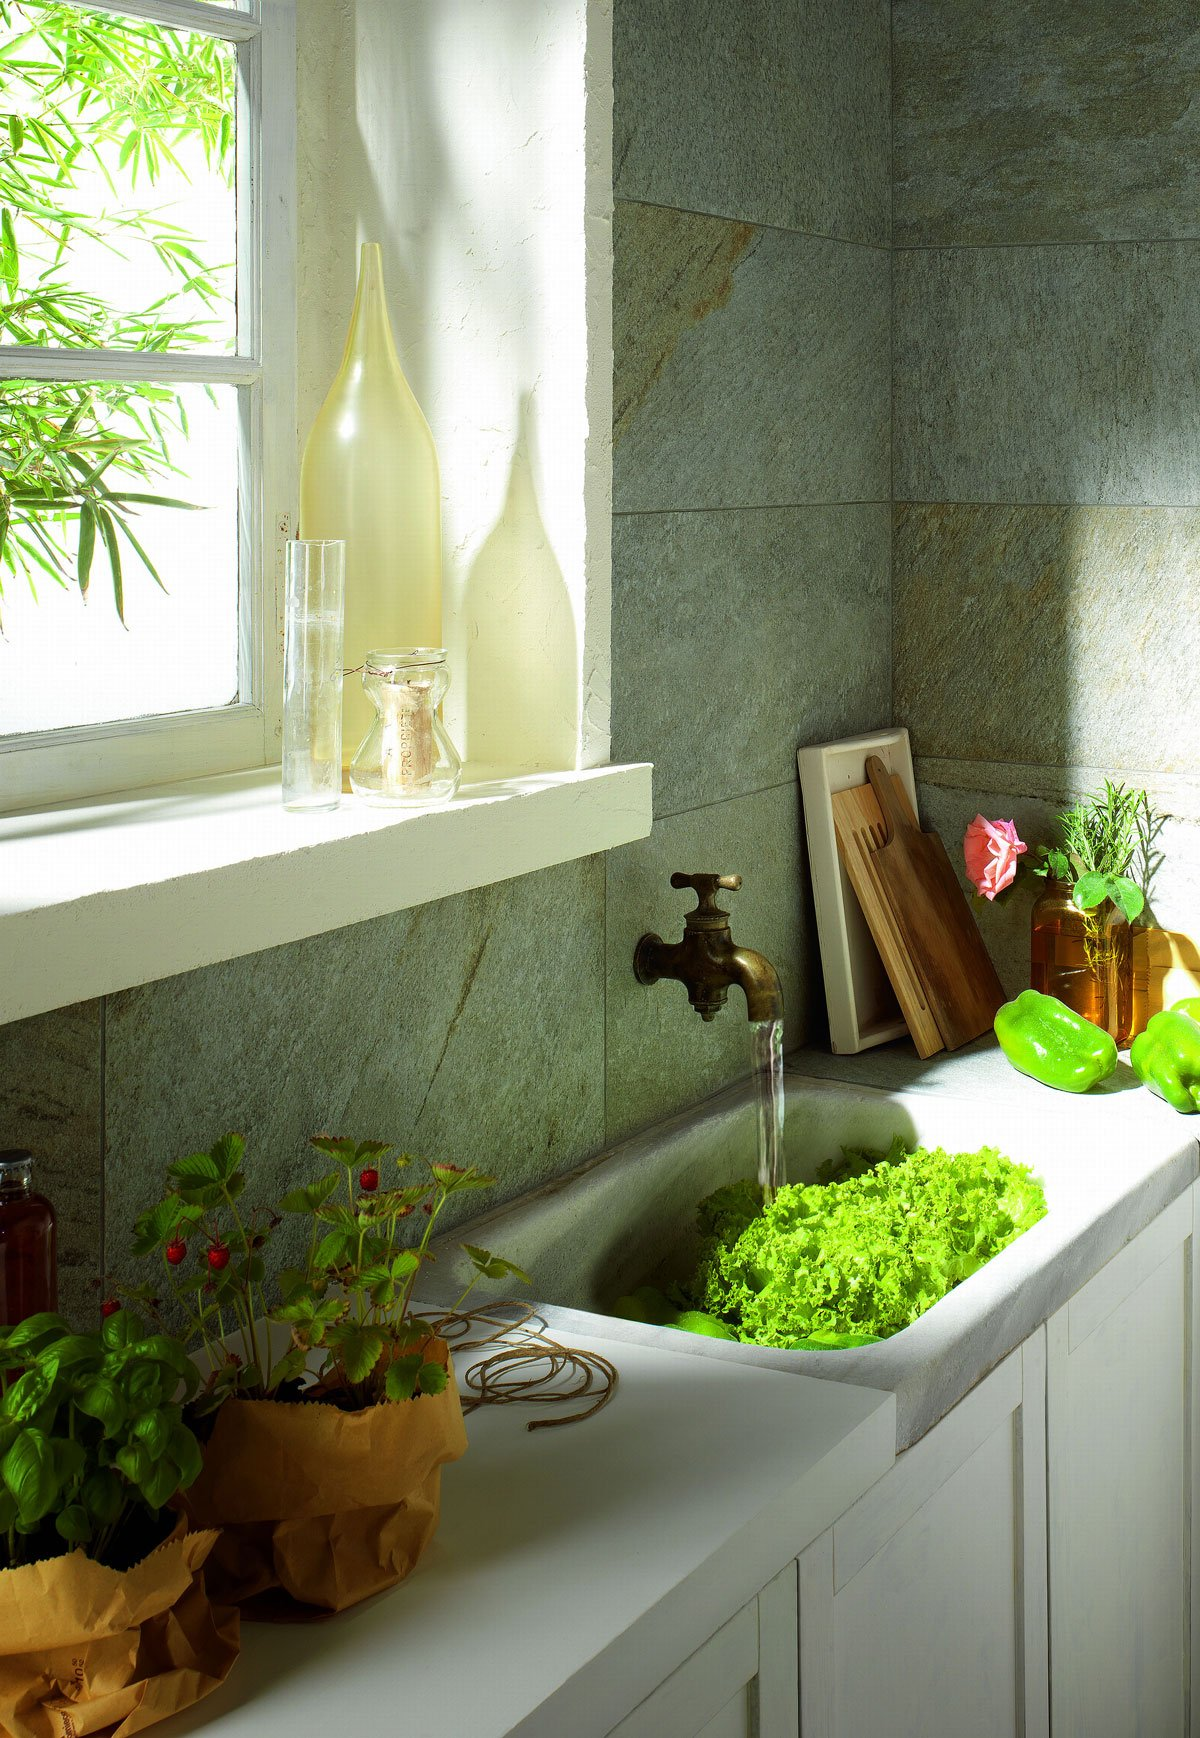 Casabook immobiliare scegliere le piastrelle per le pareti della cucina for Piastrelle cucina marazzi